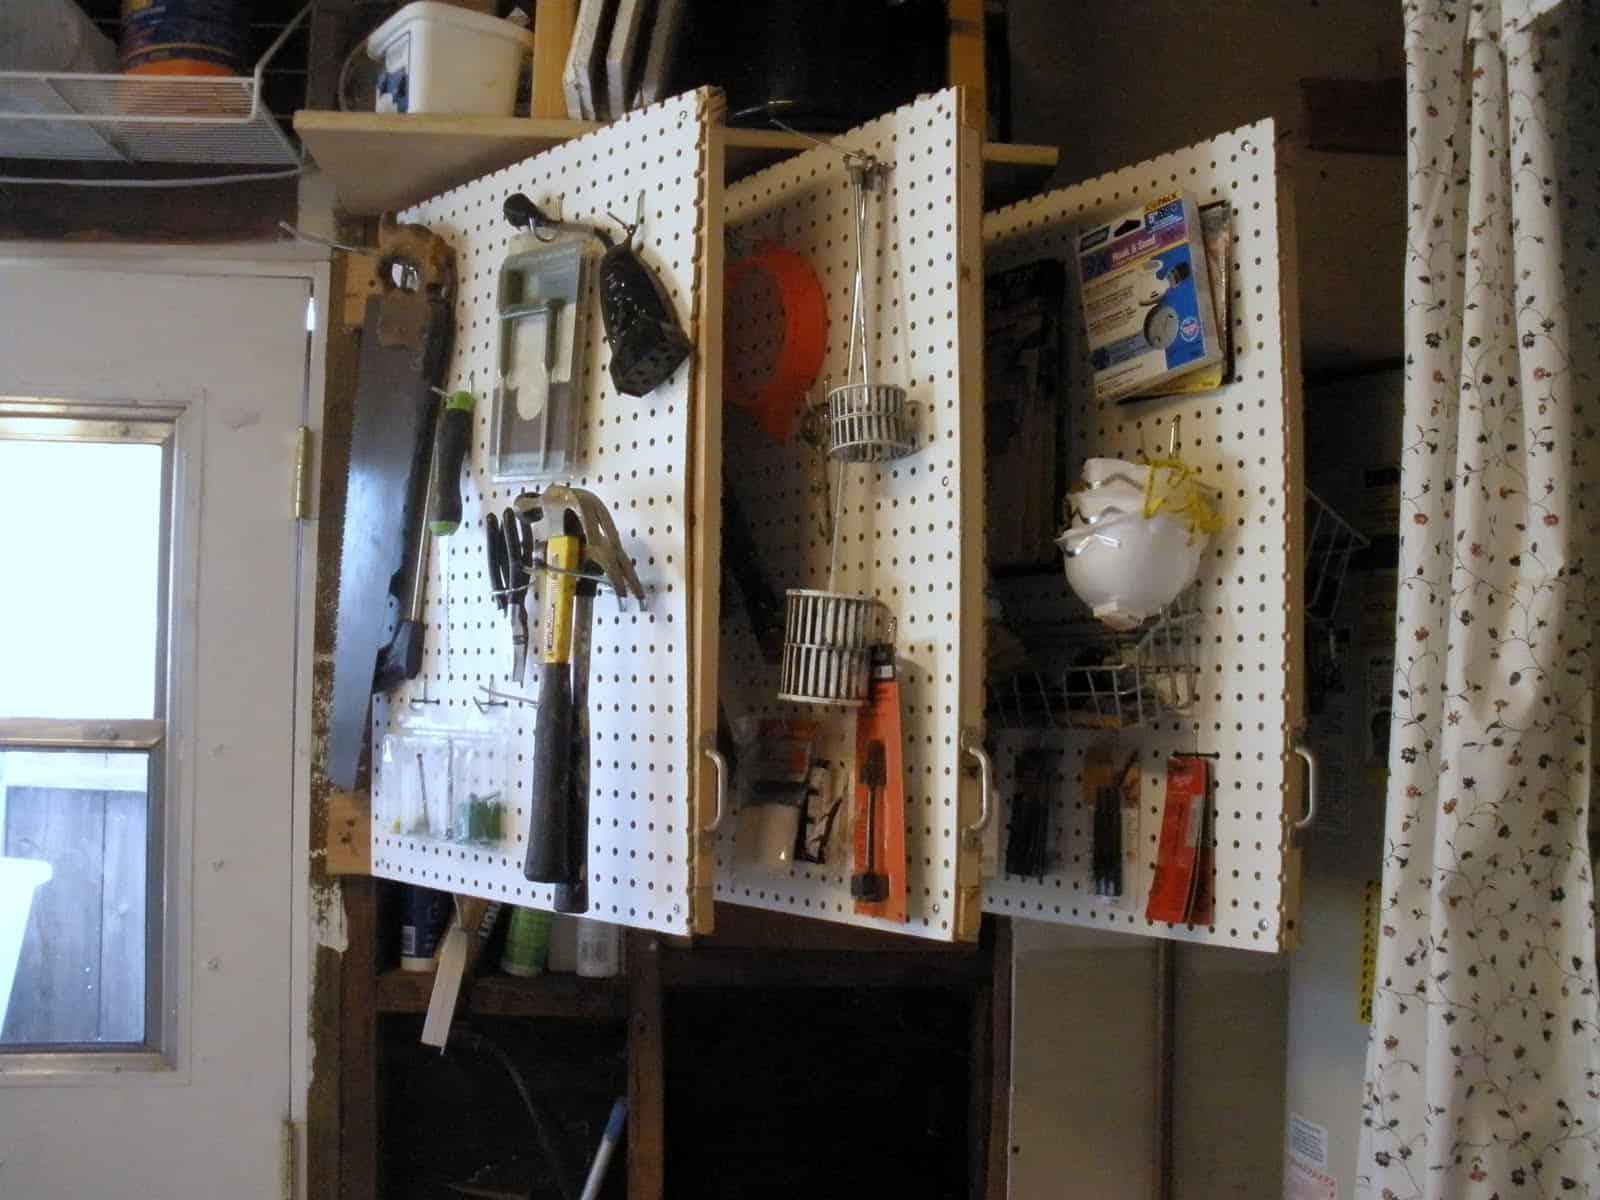 Workship pegboard tool storage